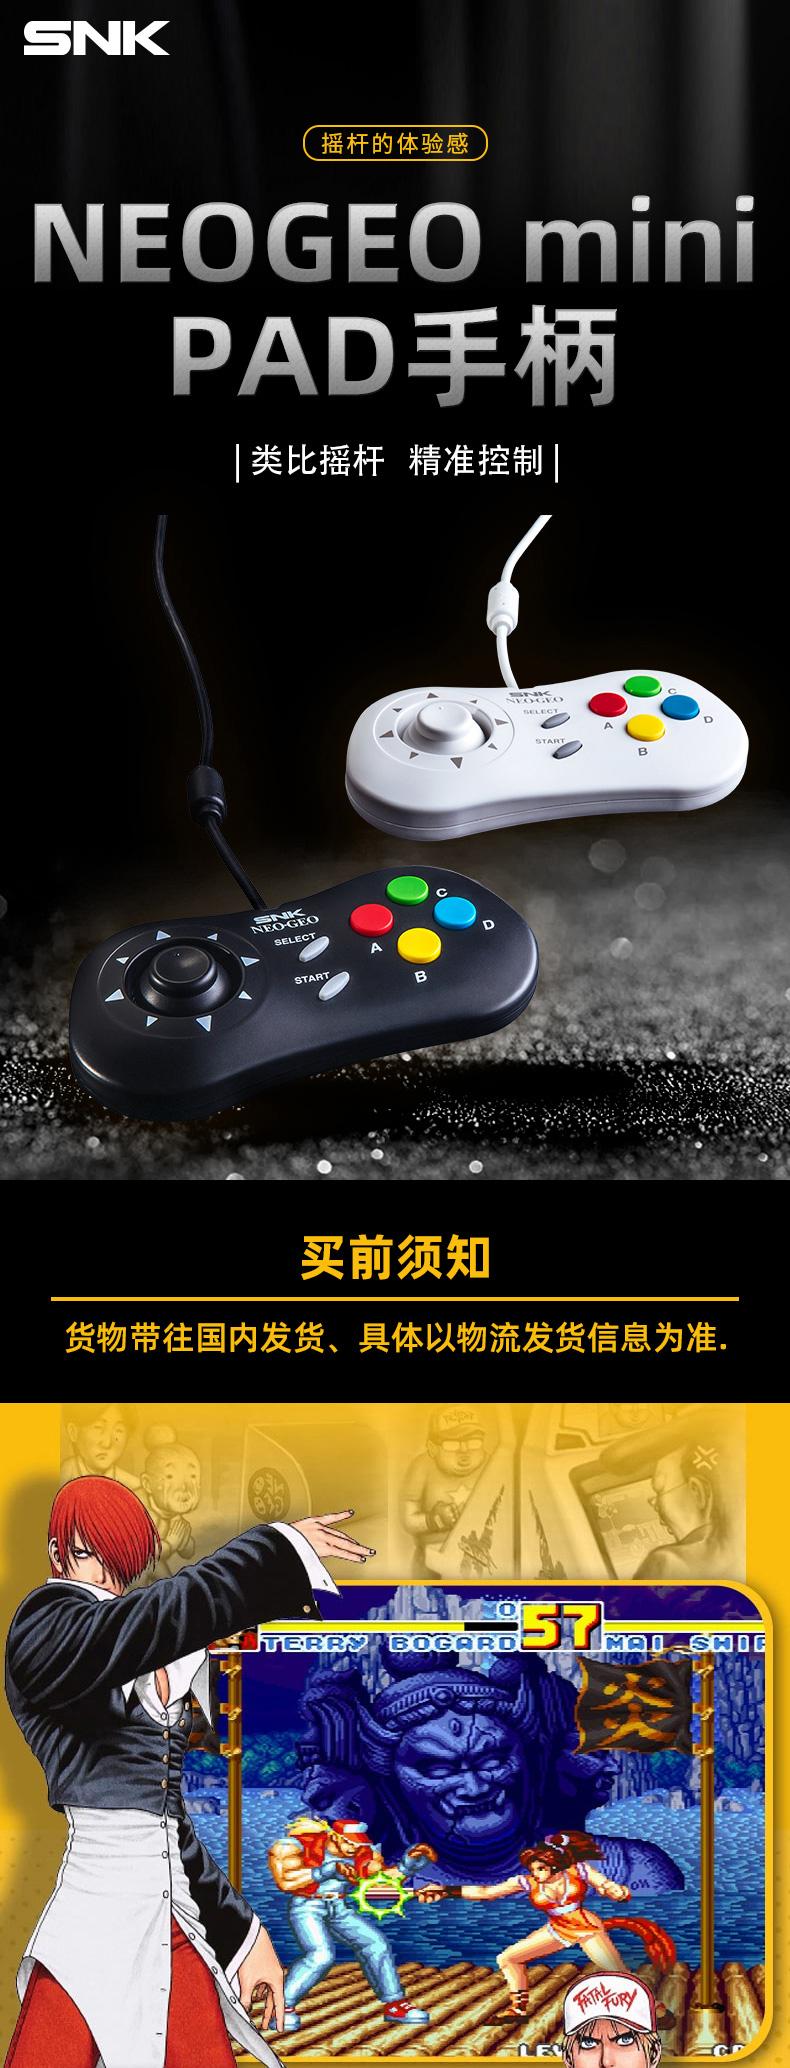 遊戲手柄SNK NEOGEO mini Pad手柄 黑白多功能游戲機懷舊格斗街機拳皇侍魂